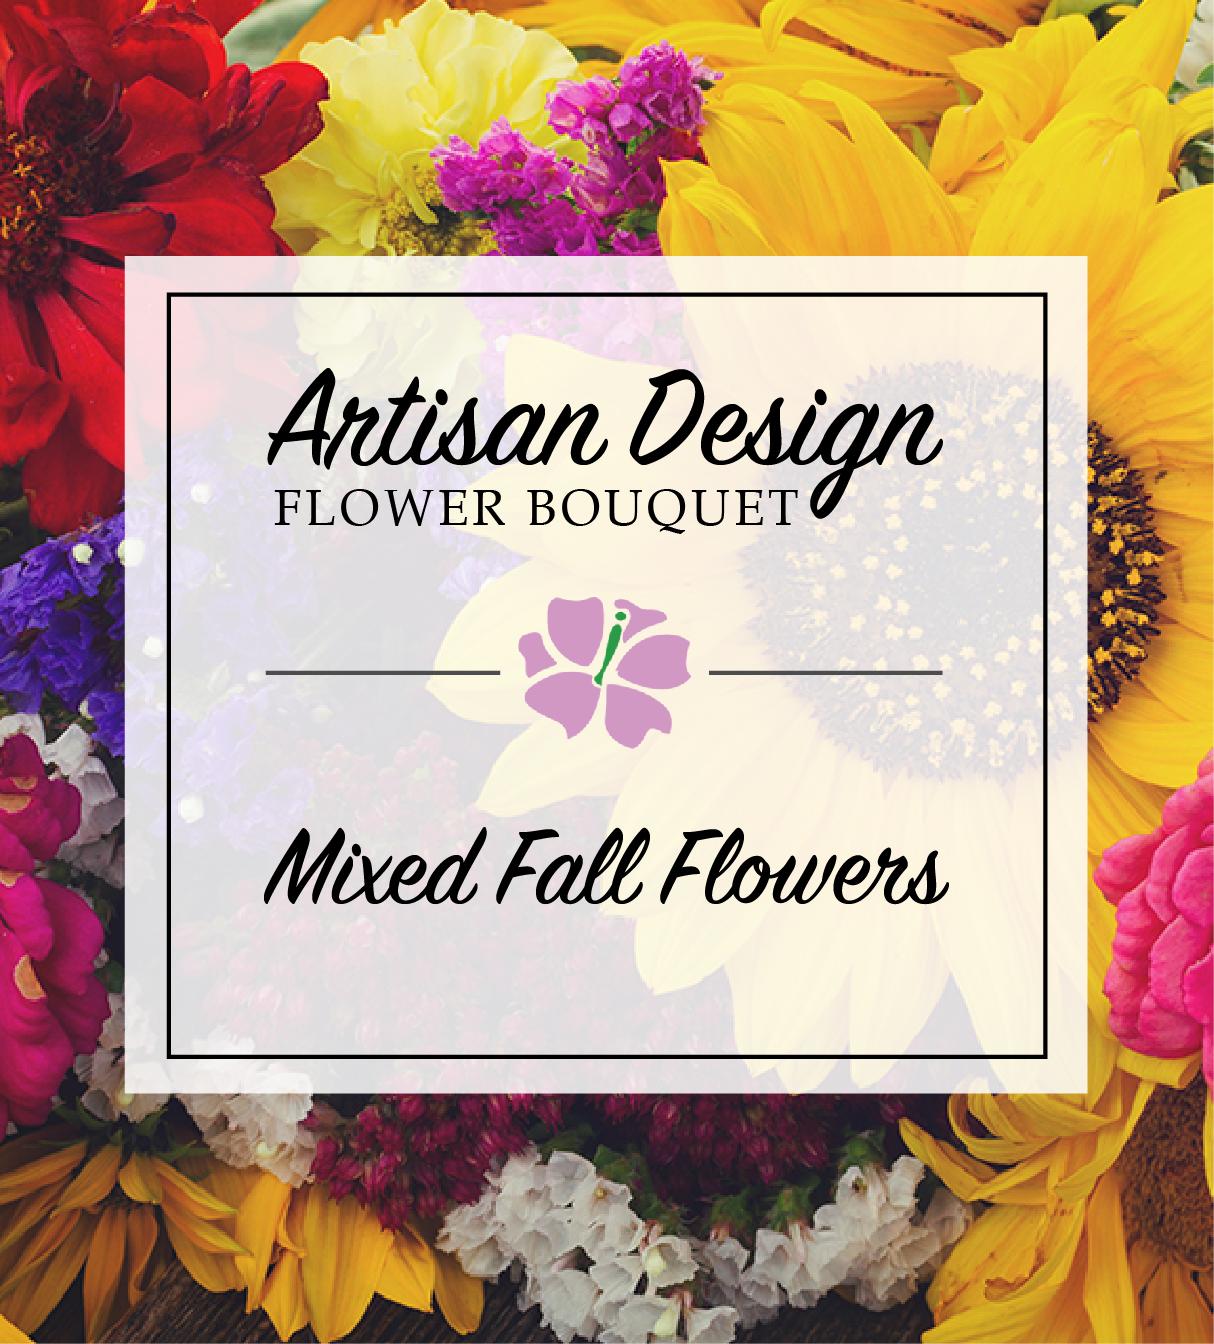 Mixed Autumn Flower Bouquet